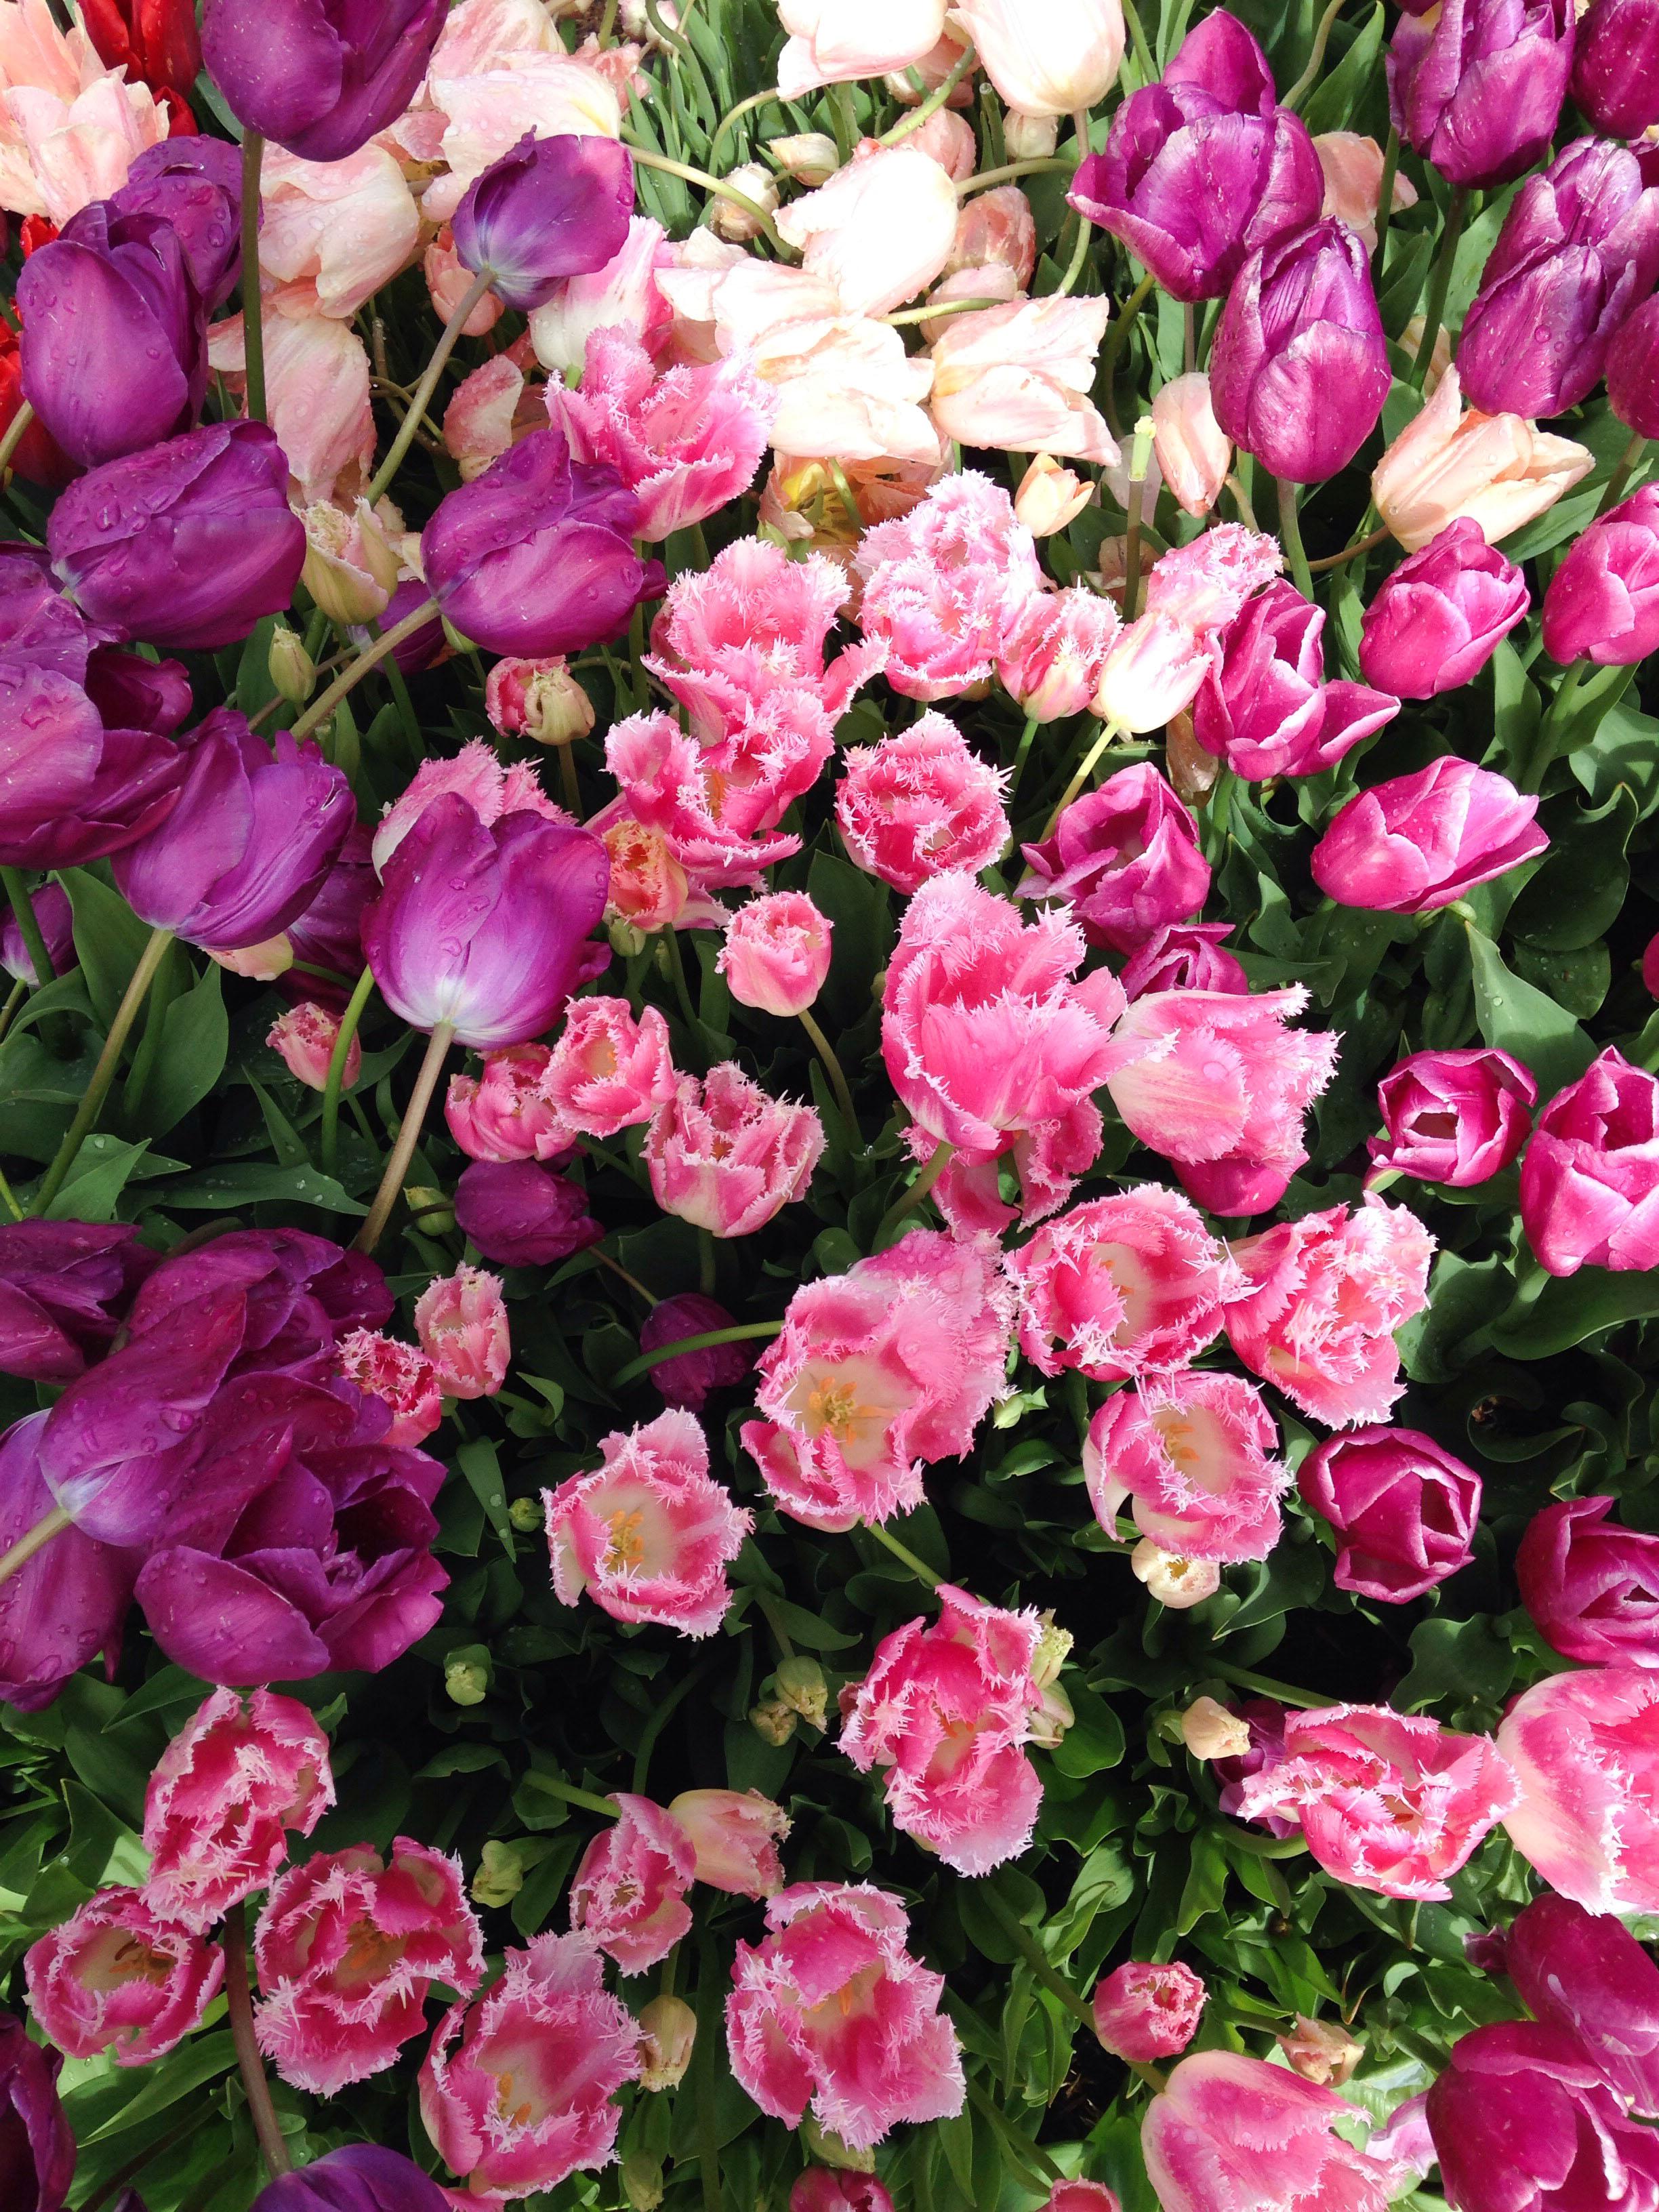 Tulips closeup pink